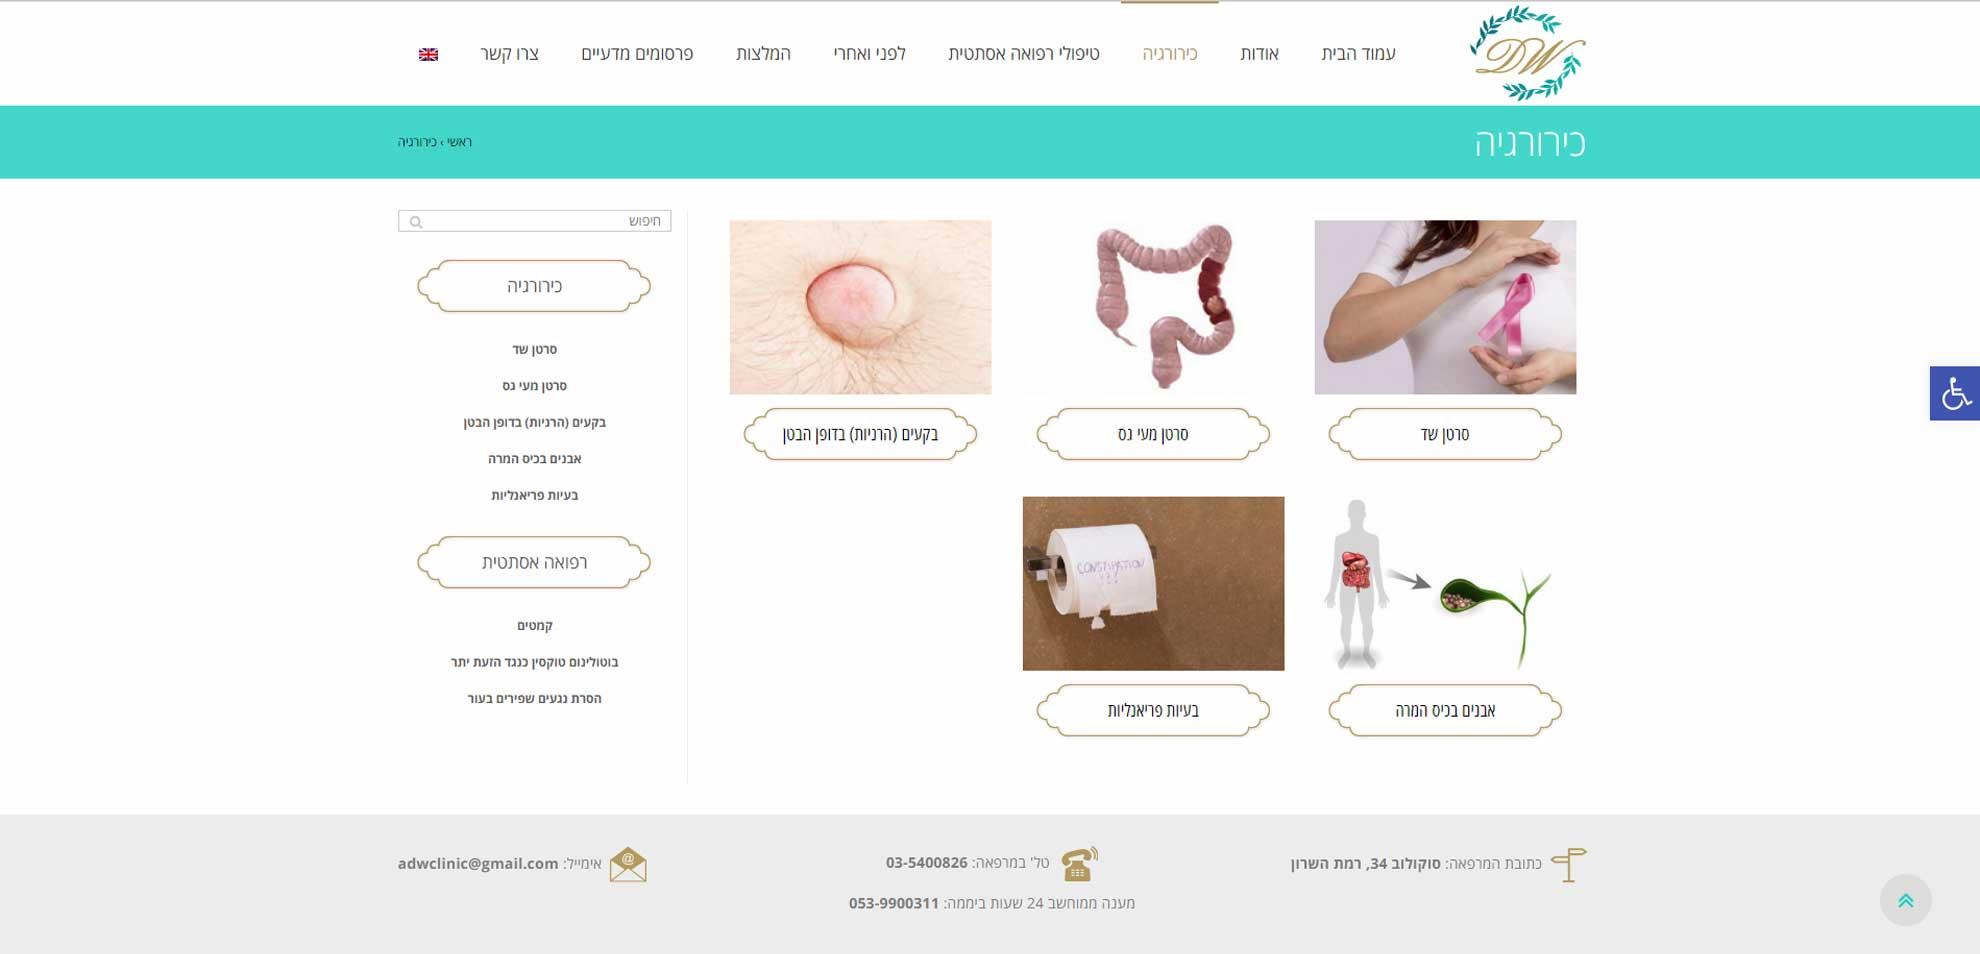 """מעוף עיצובים - עיצוב ובניית אתר תדמיתי לרופאה כירורגיה כללית ורפואה אסתטית ד""""ר דפנה וינשטיין"""